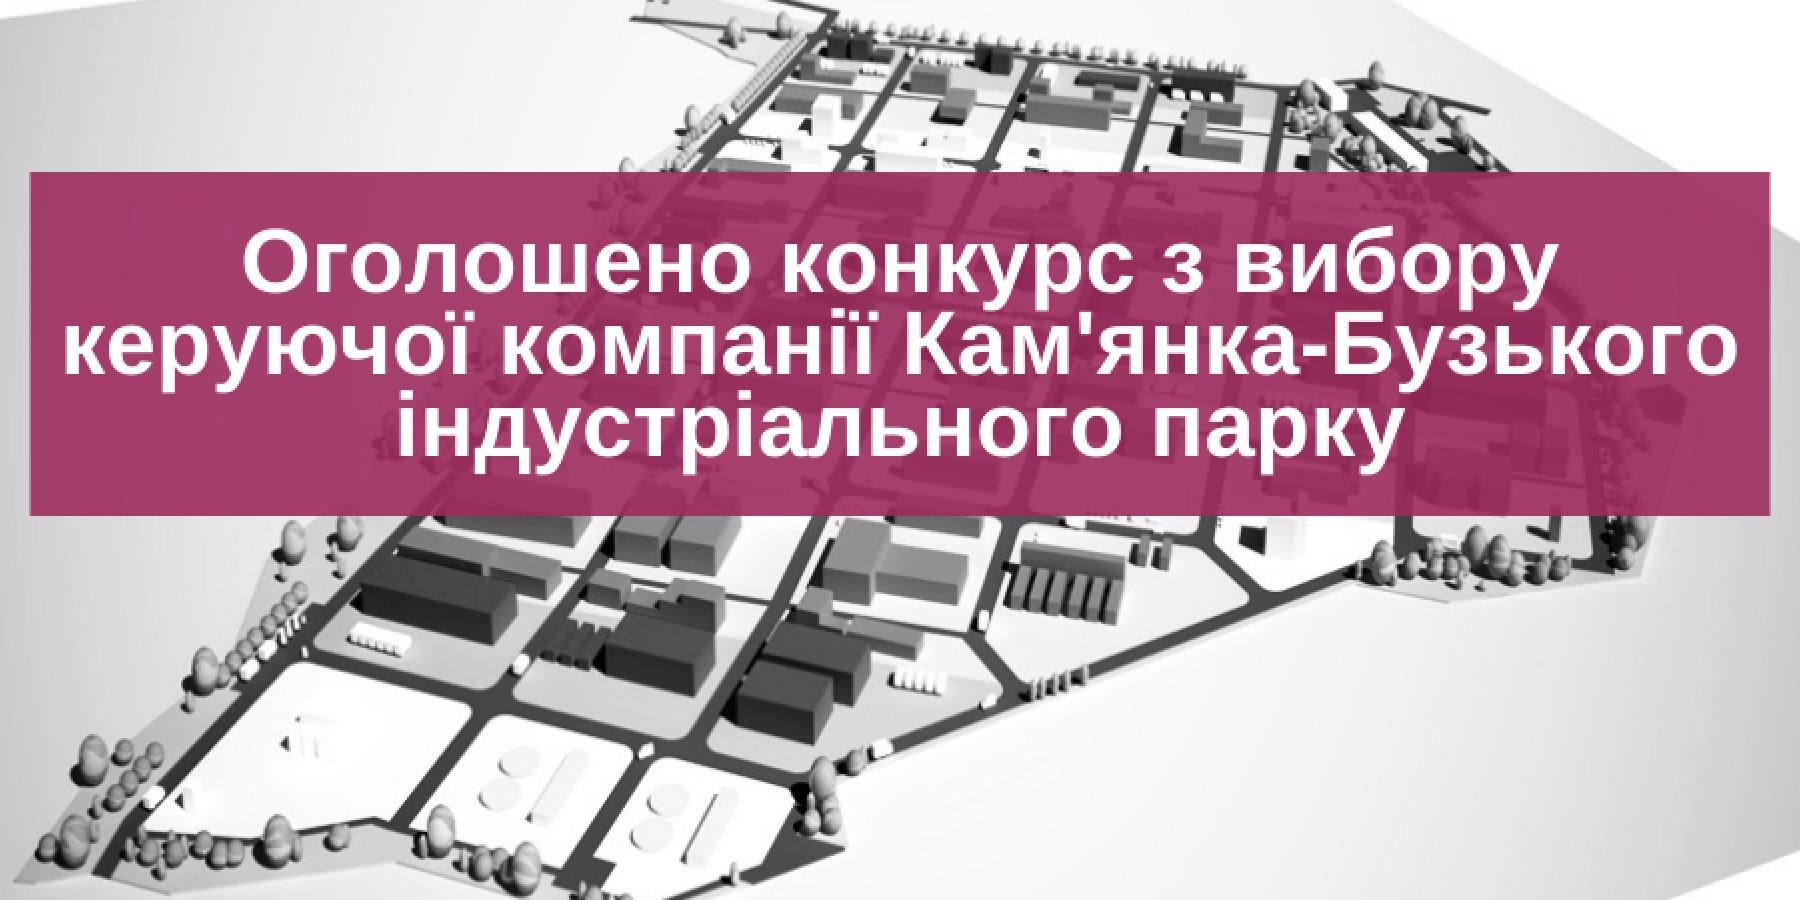 Оголошено конкурс з вибору керуючої компанії Кам'янка-Бузького індустріального парку.